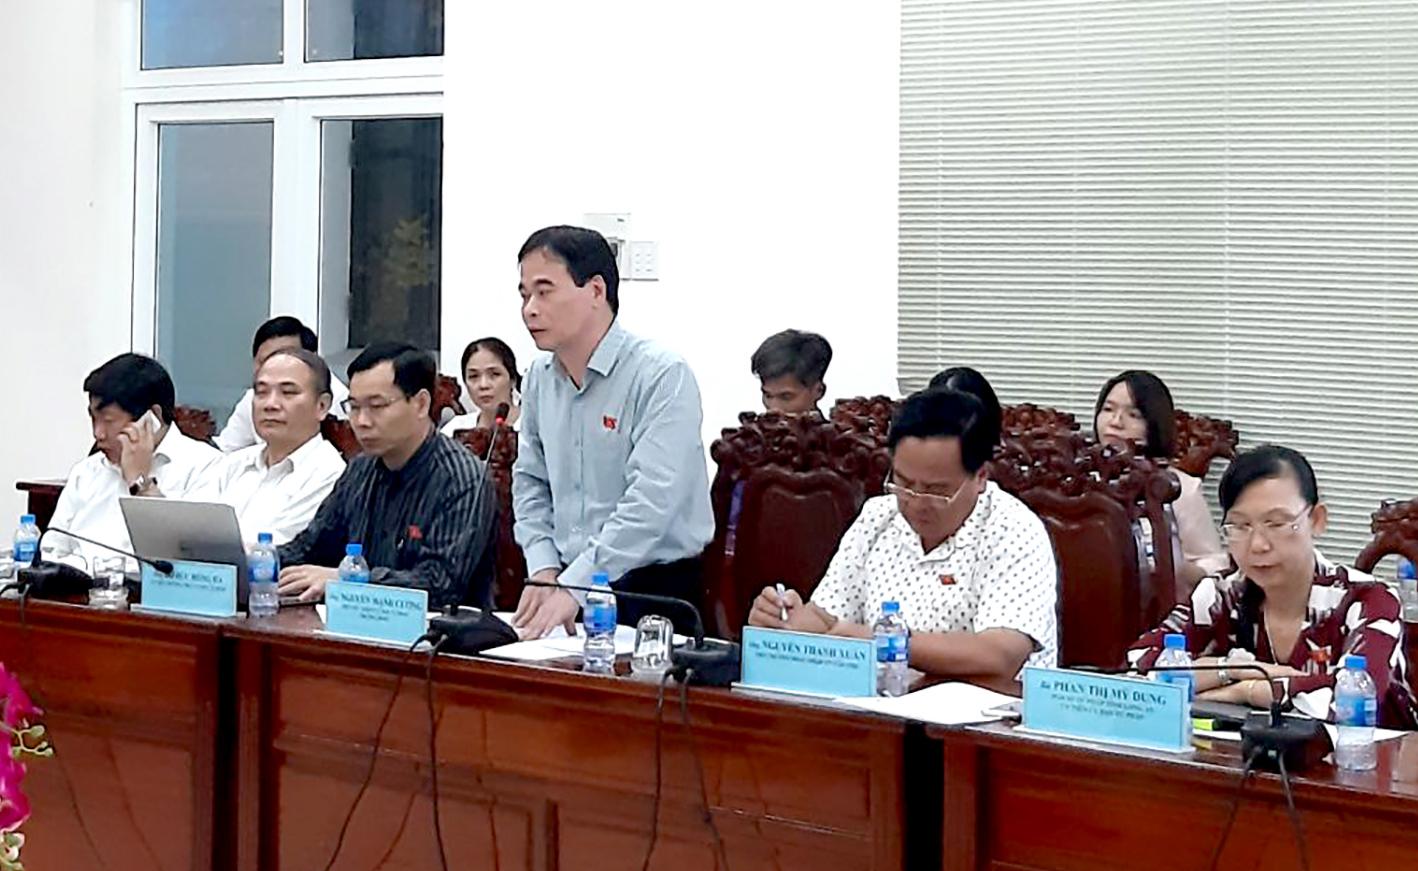 Đồng chí Nguyễn Mạnh Cường, Phó Chủ nhiệm Ủy ban Tư pháp của Quốc hội phát biểu tại buổi giám sát. Ảnh: P.N